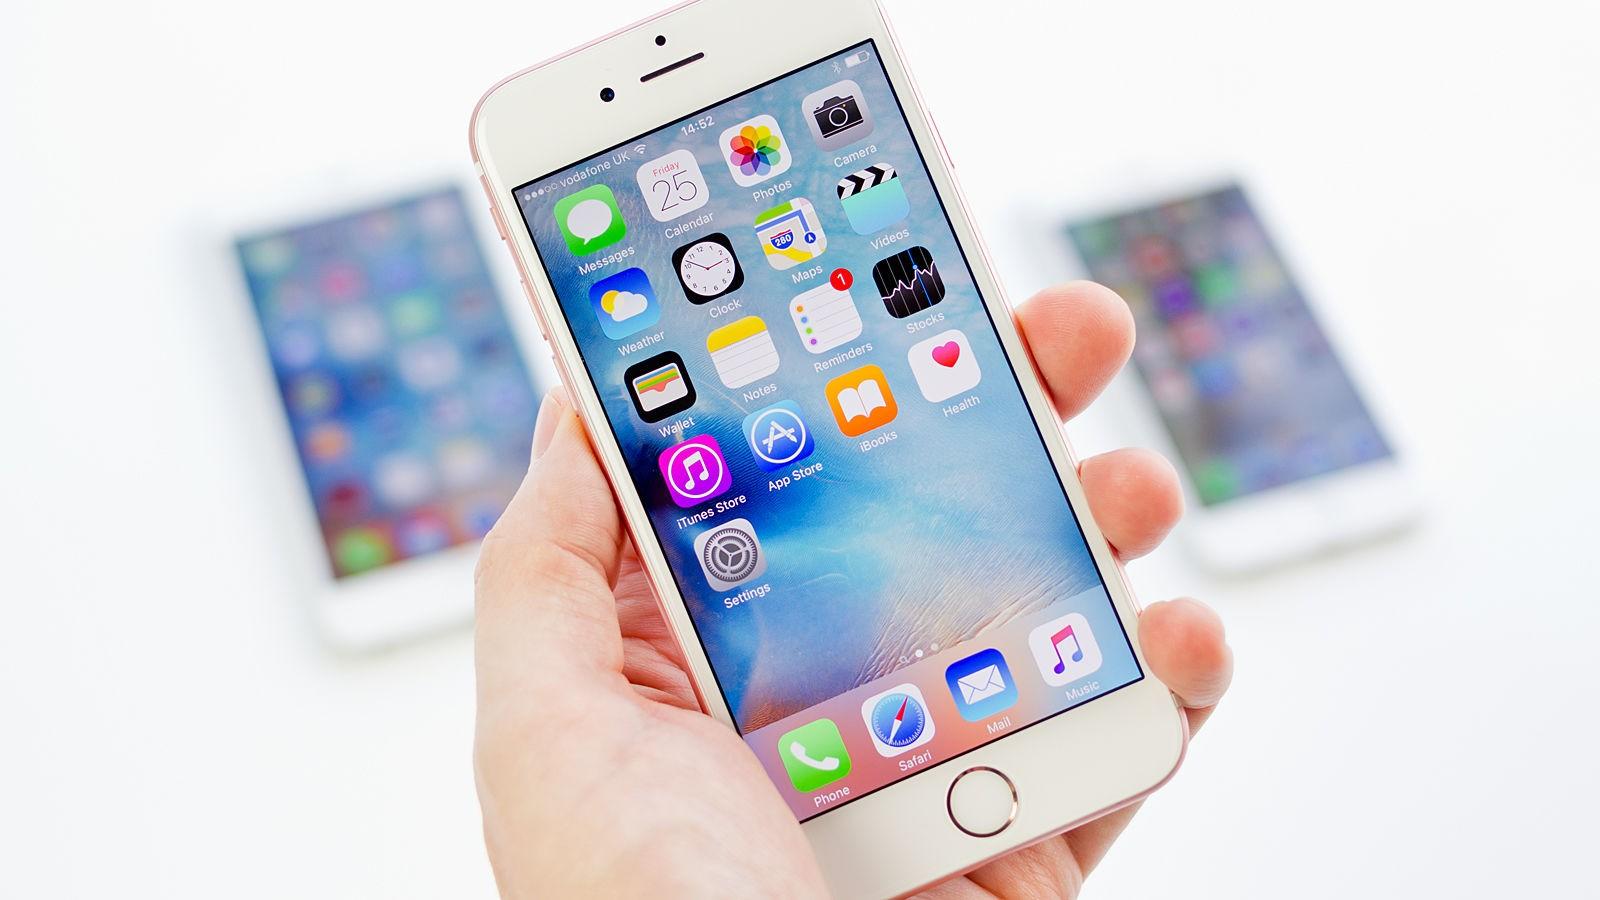 iphone 6s plus xach tay1 - Tổng hợp 8 ứng dụng hay và miễn phí trên iOS ngày 15.11.2016